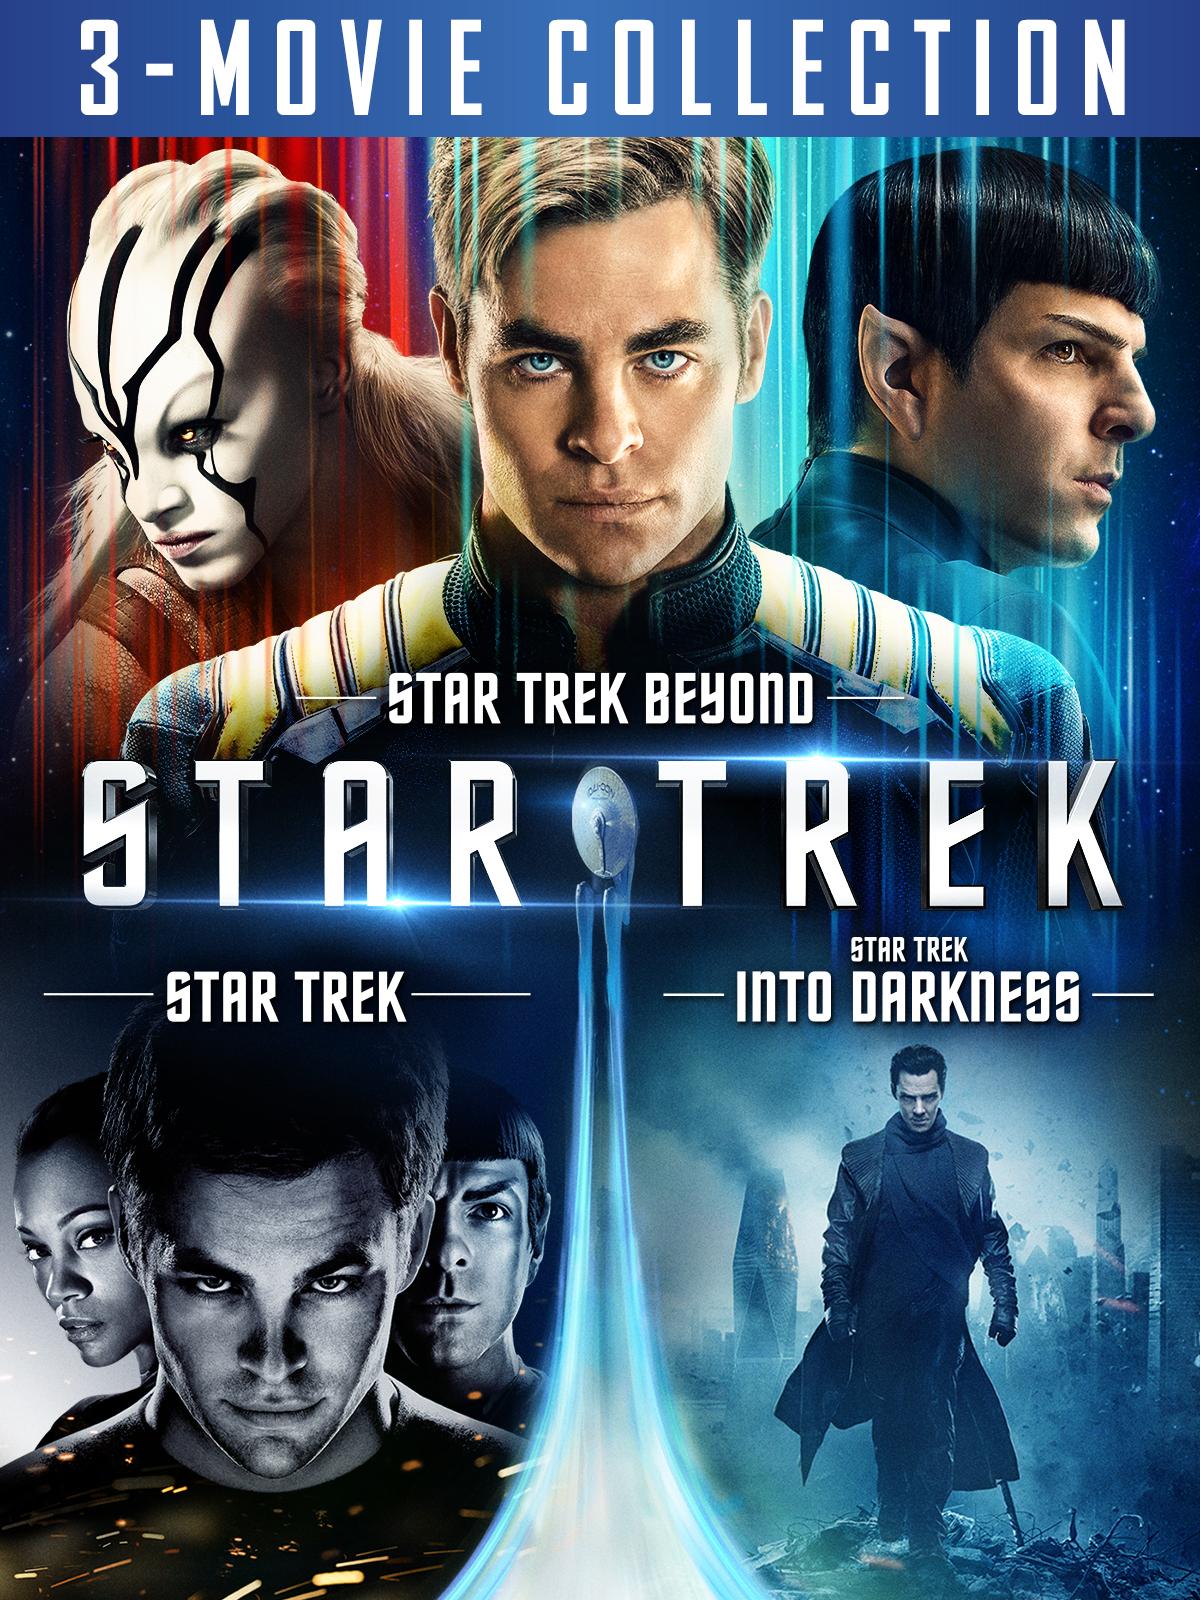 Star Trek 3-Movie Collection (plus bonus content)